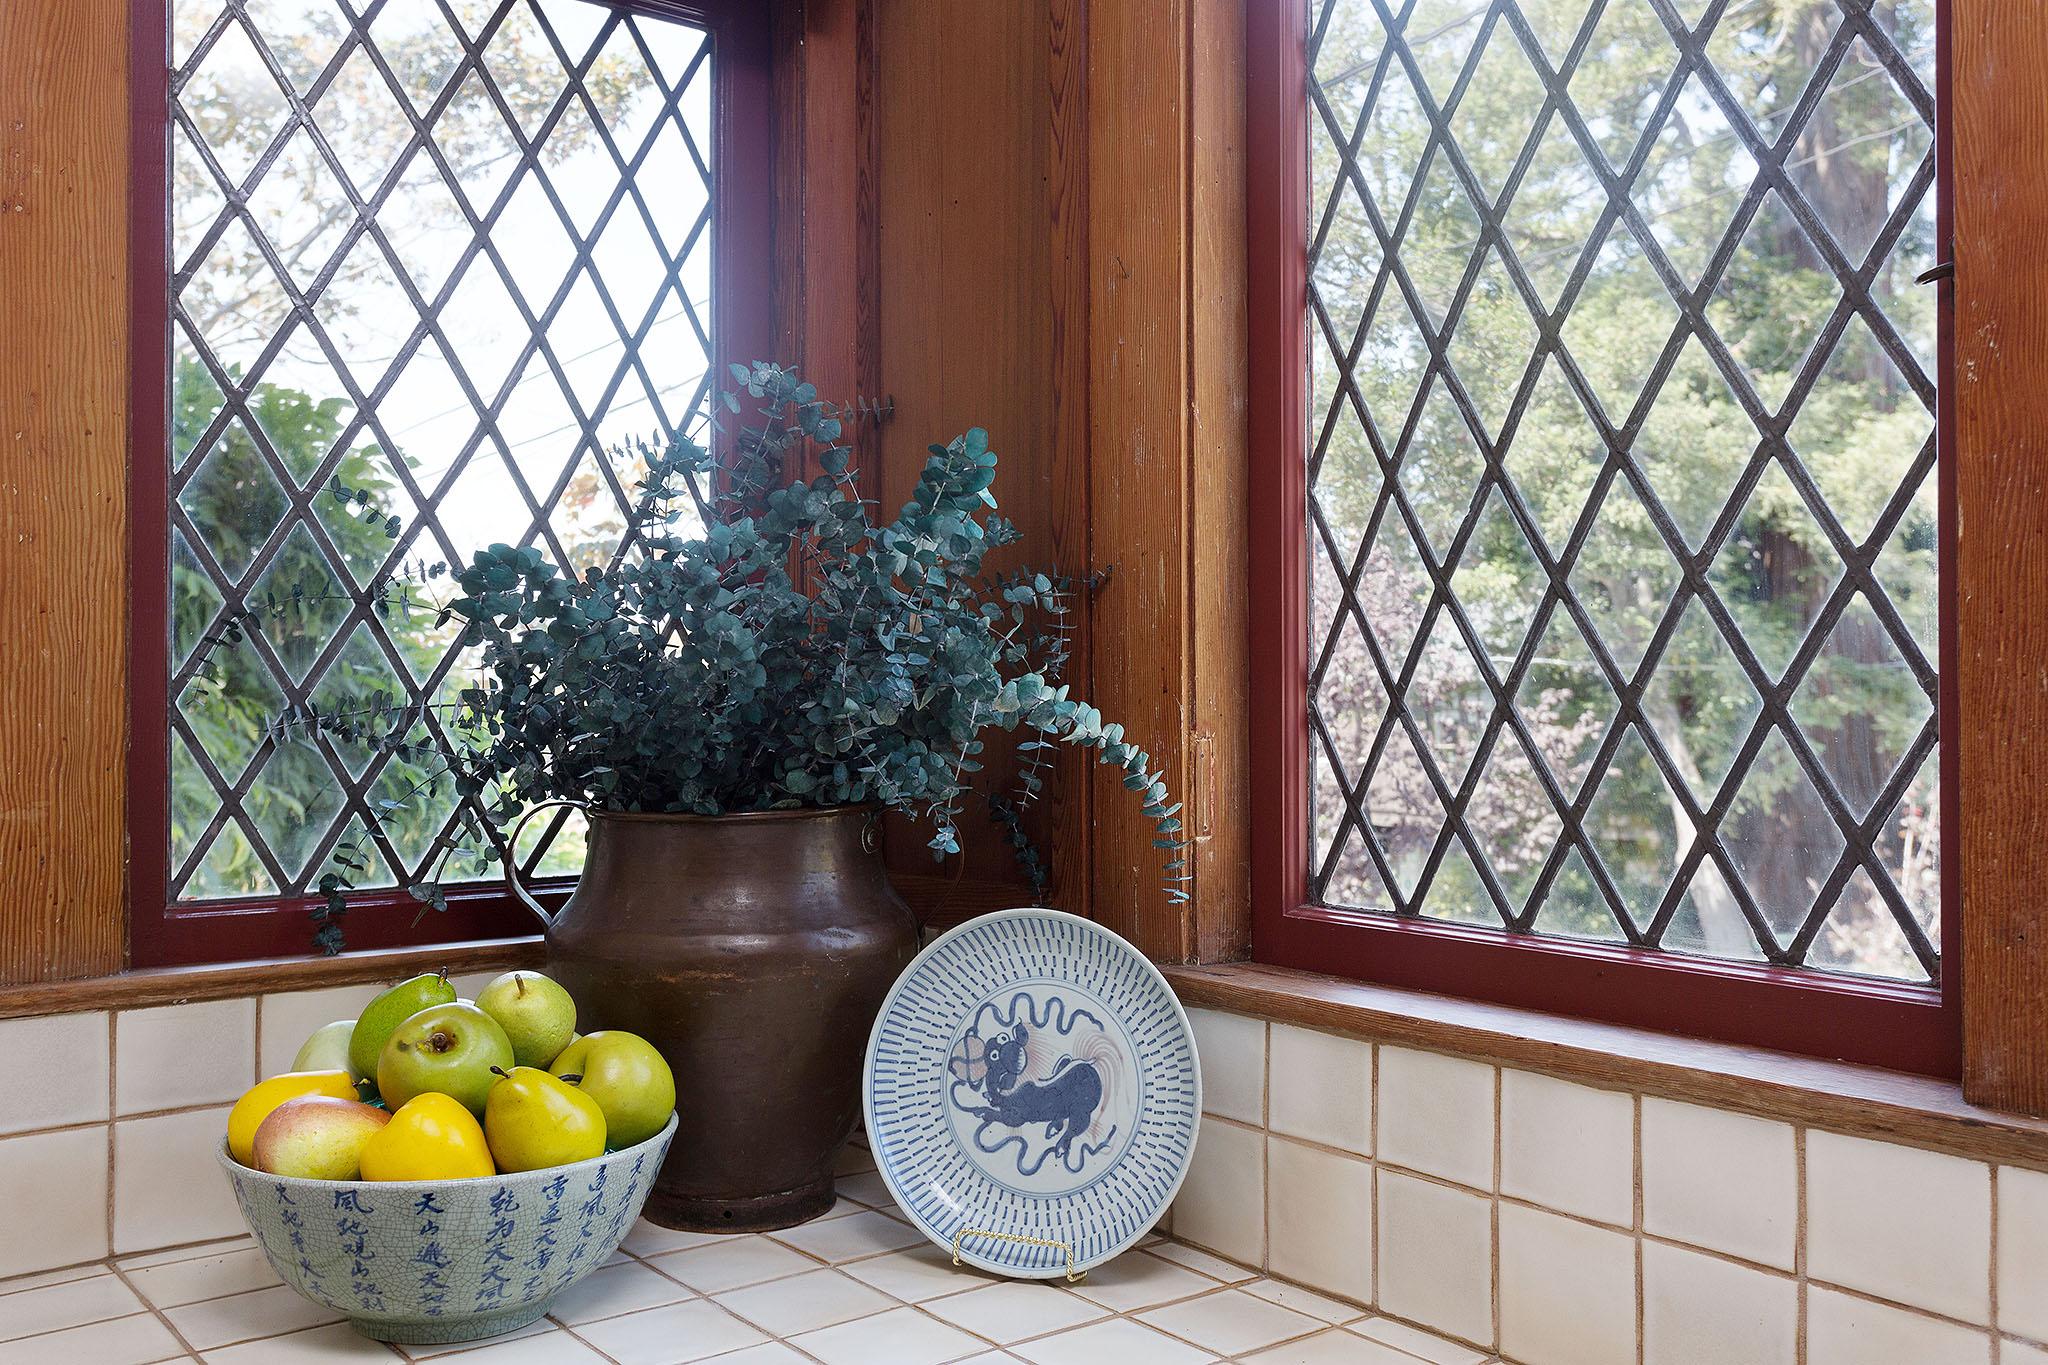 17 Window.jpg